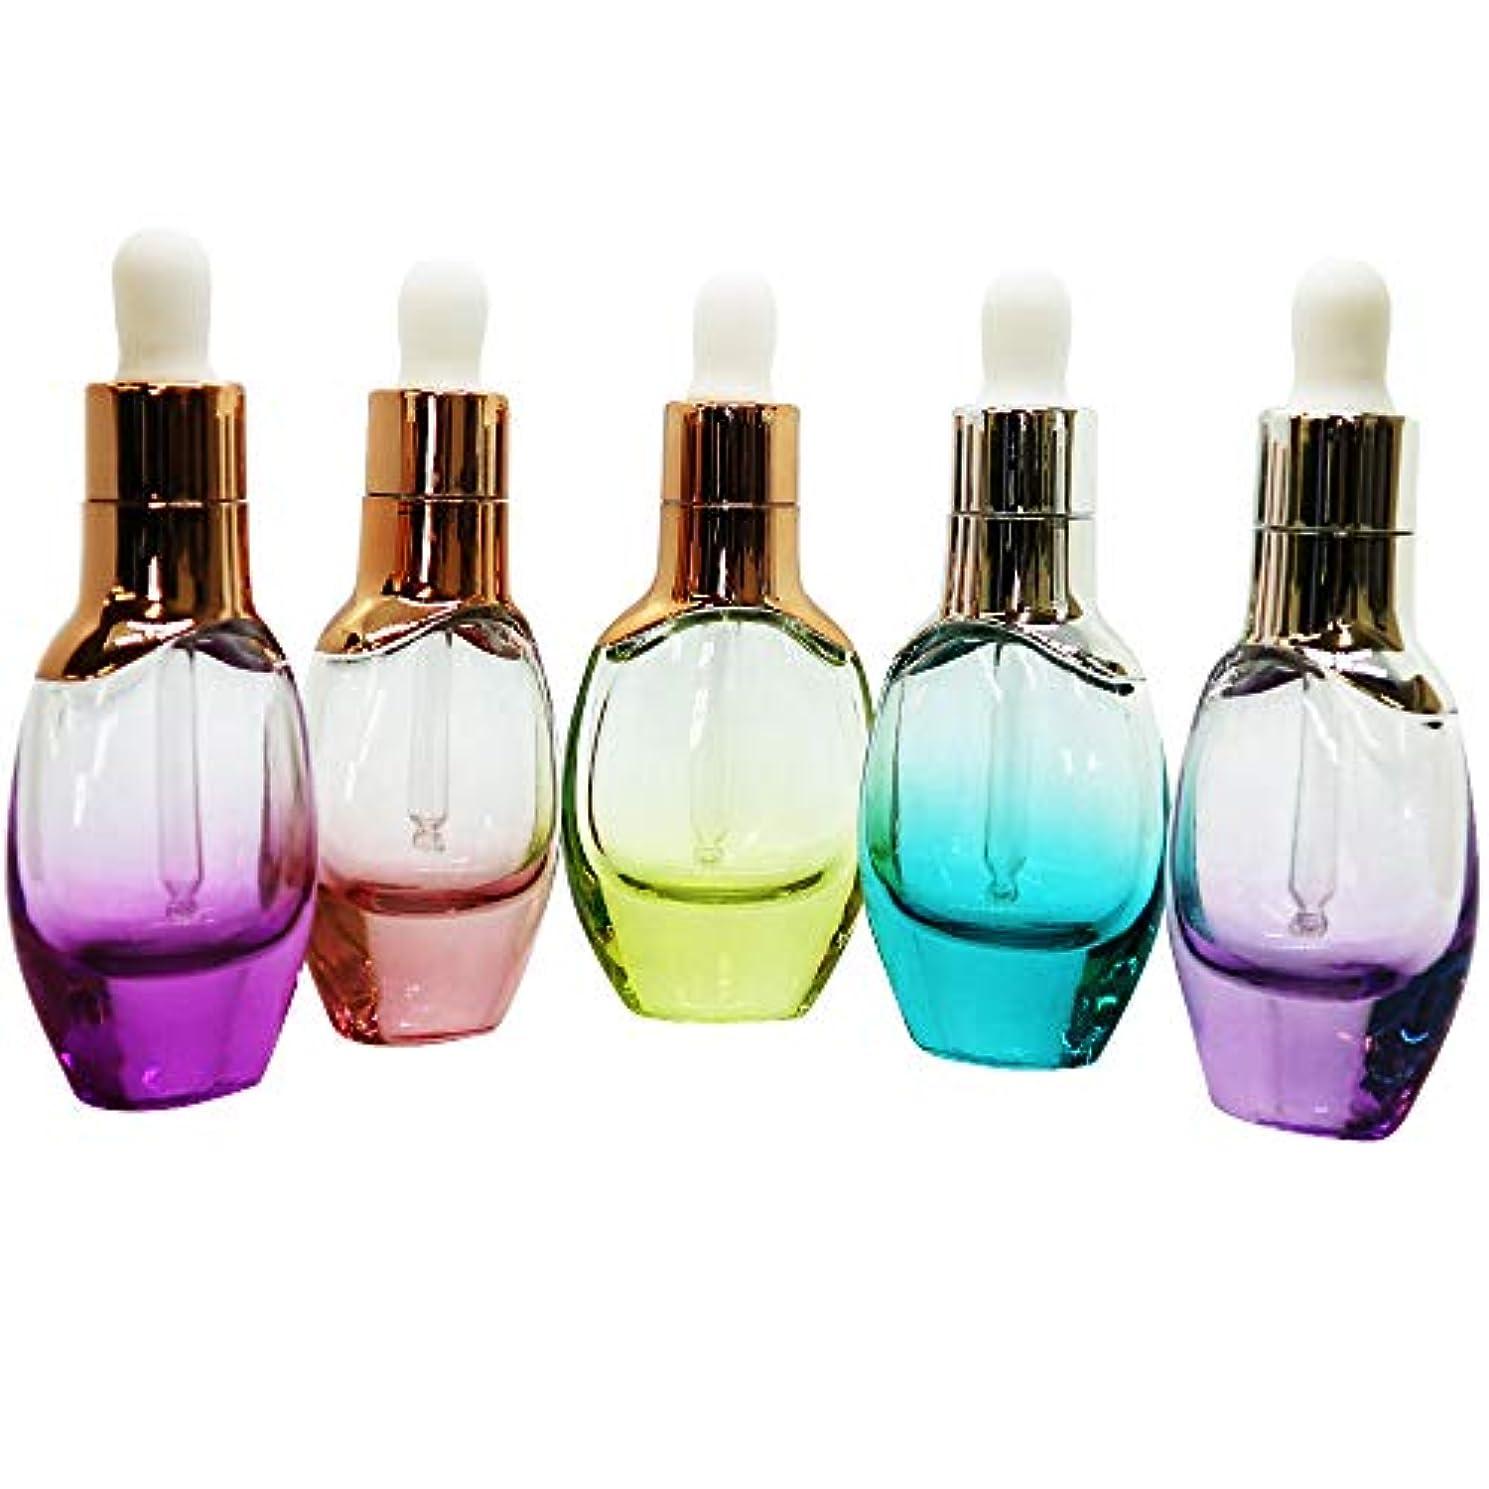 サミット含意弾丸Coco Makai スポイト付き エッセンシャル ボトル 5本セット アロマ 化粧水 オイル ガラス製 かわいい カラフル